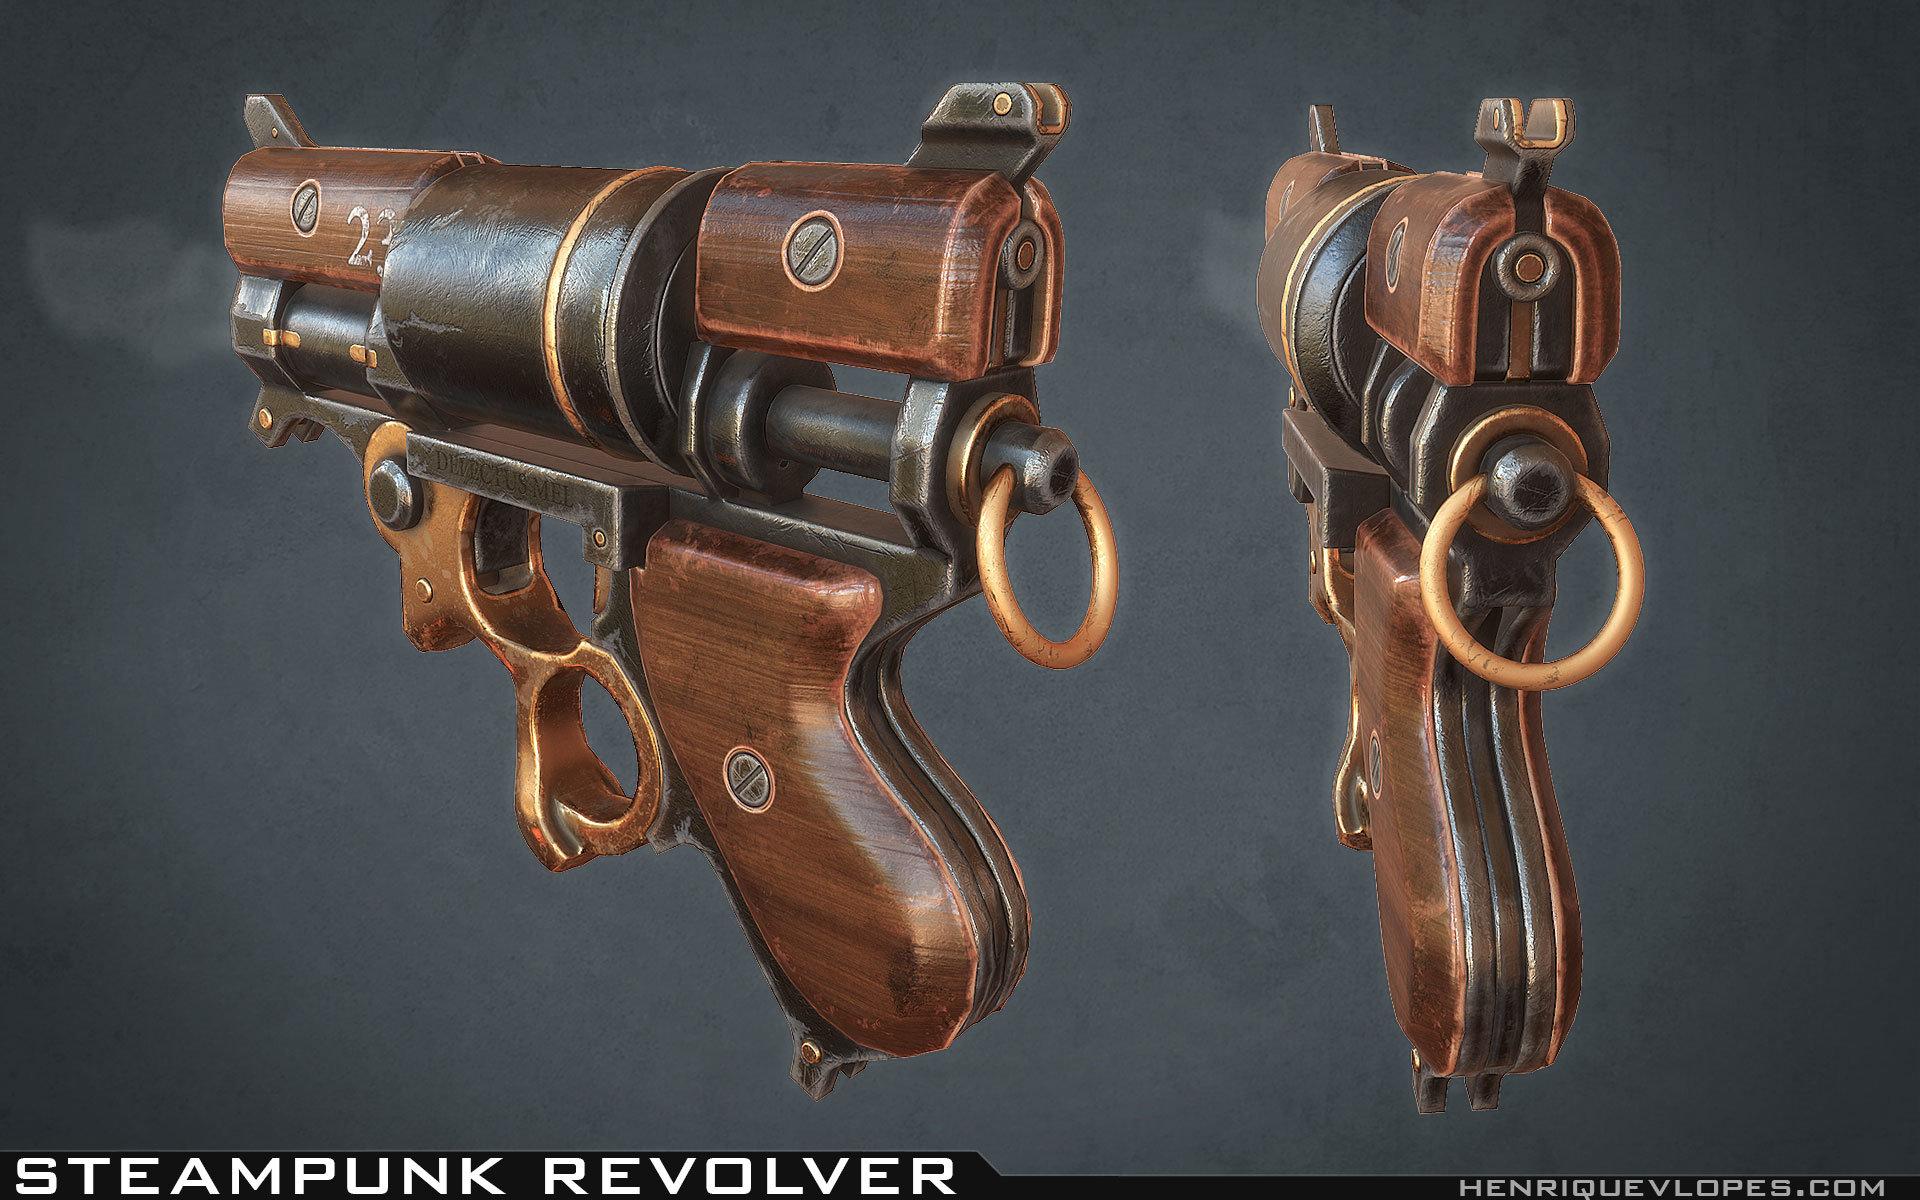 Henrique lopes steampunk revolver lp 01